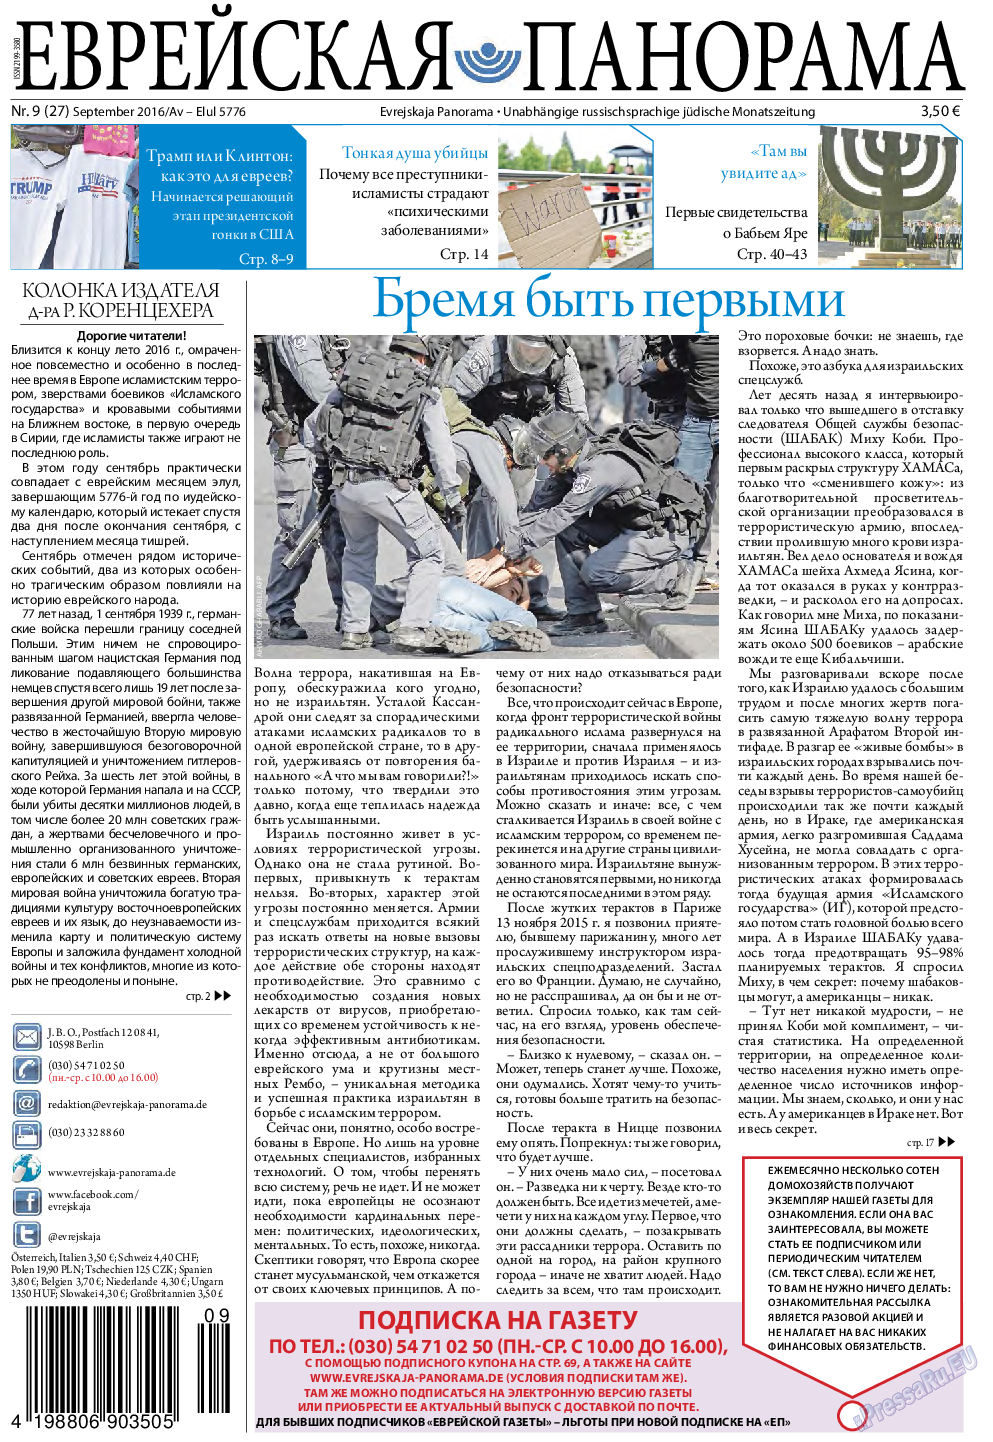 Еврейская панорама (газета). 2016 год, номер 9, стр. 1